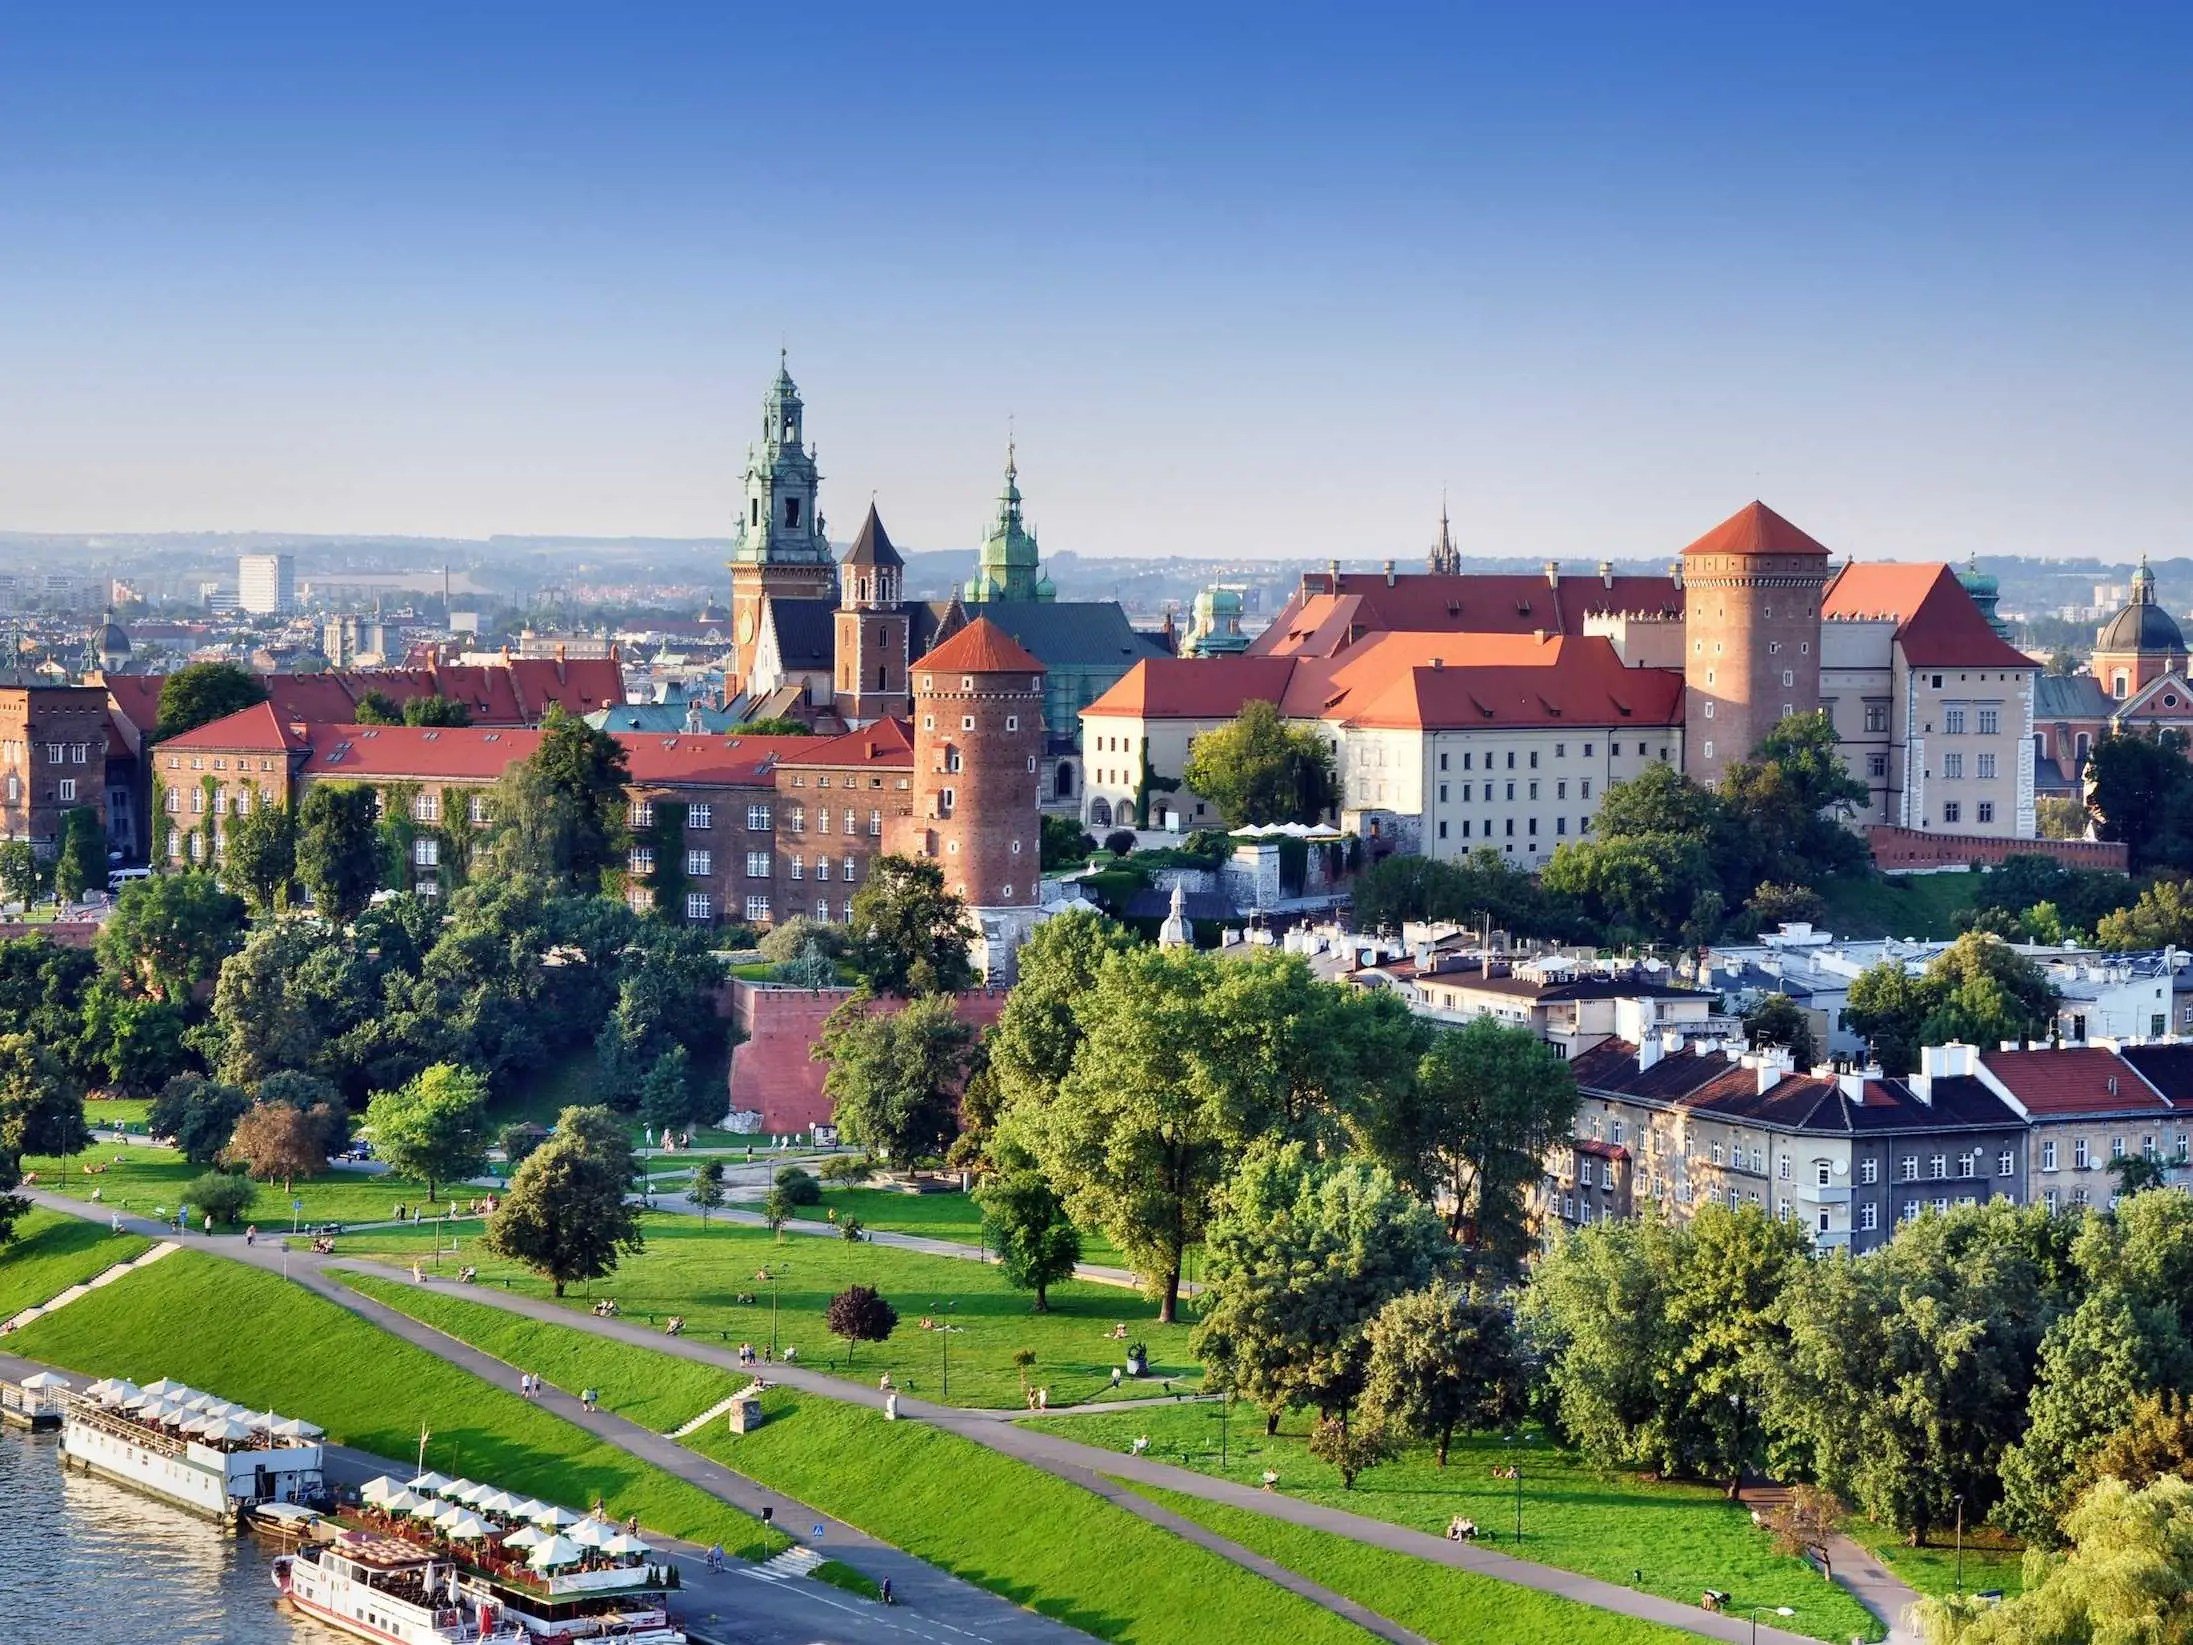 7. Kraków, Poland